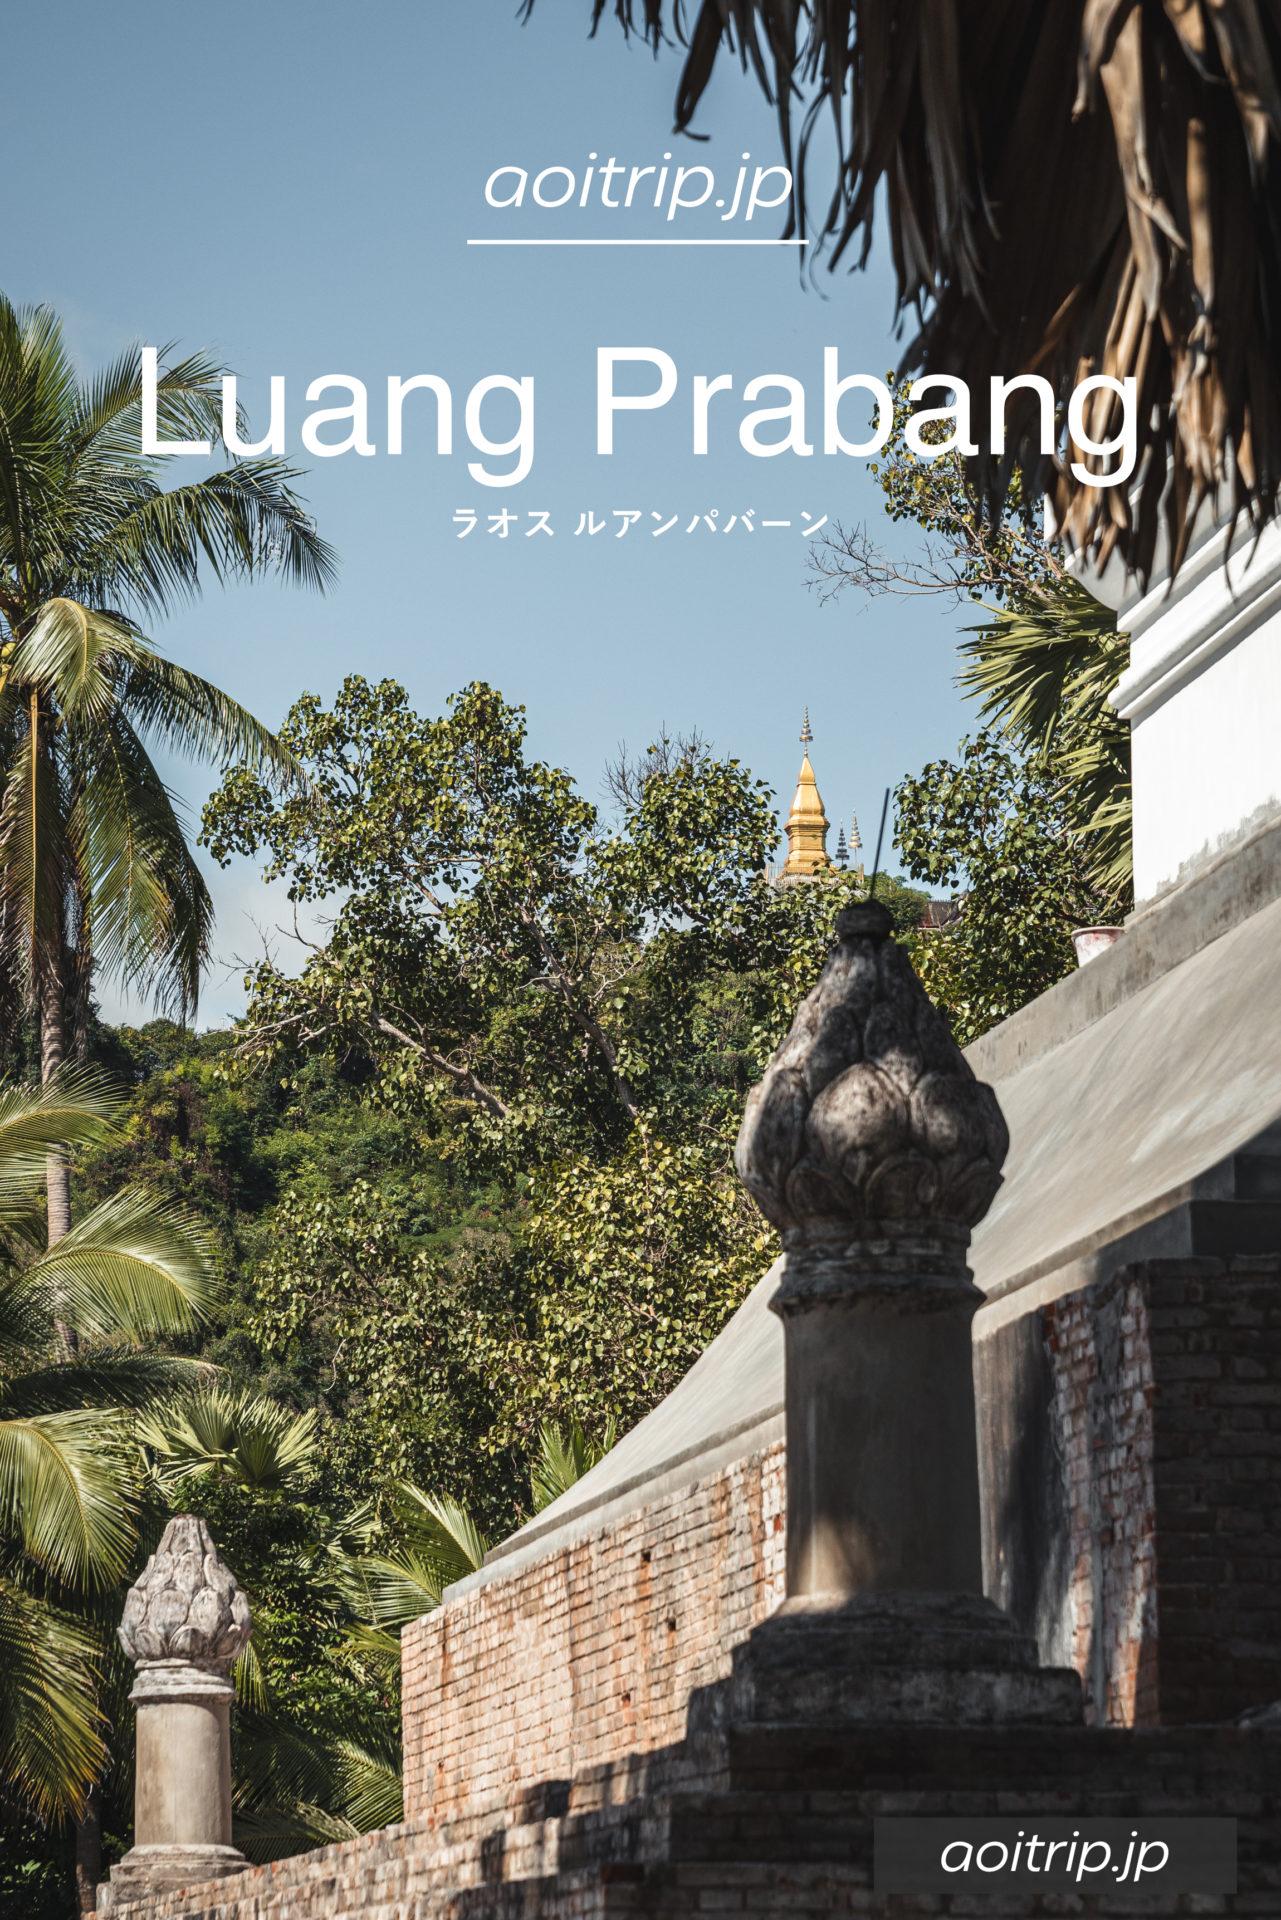 ラオス ルアンパバーン観光の見どころ 旅行ガイド|Luang Prabang Travel Guide